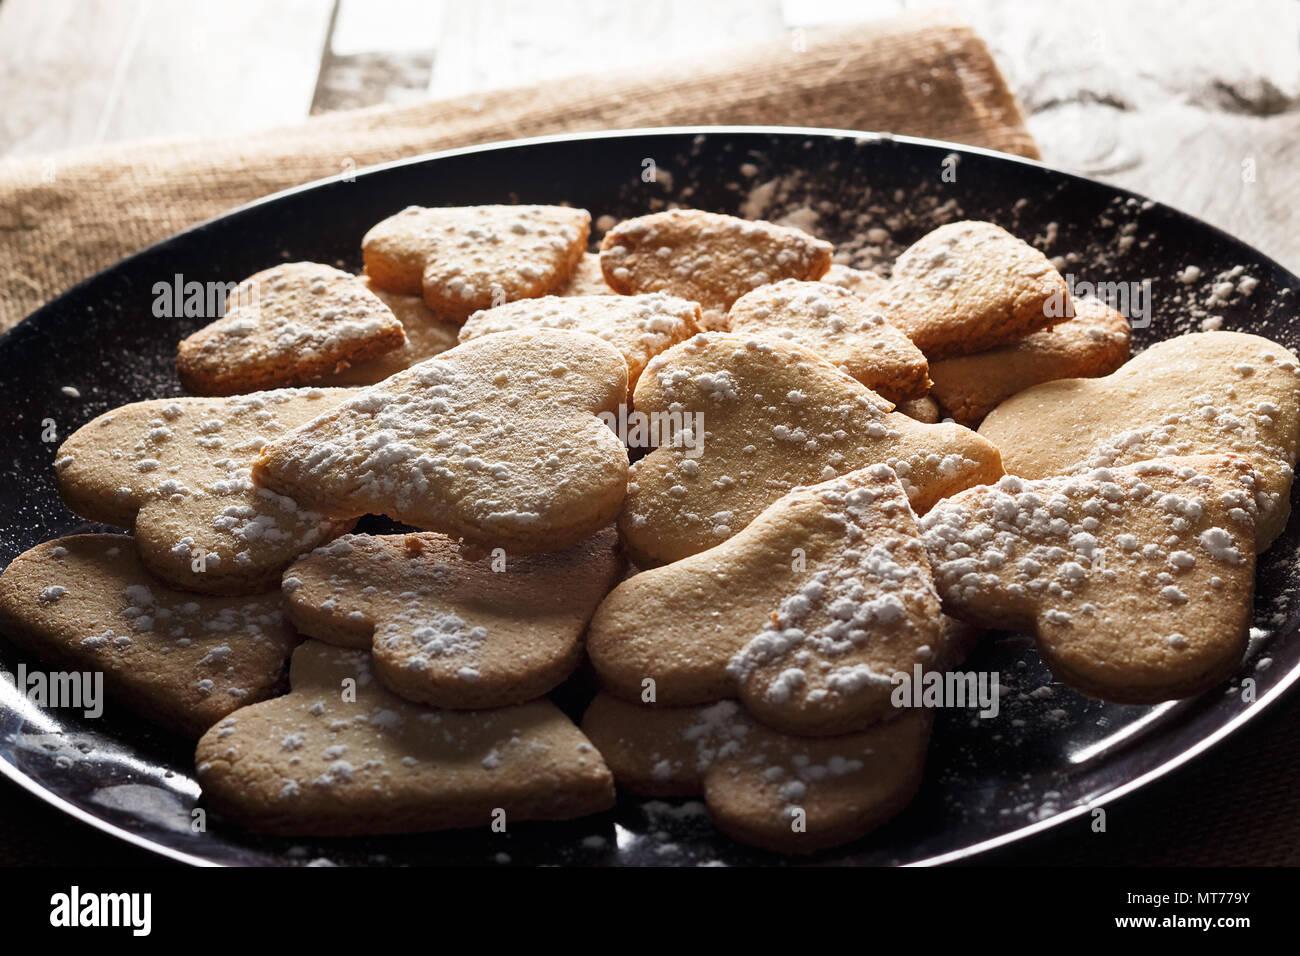 Köstliche hausgemachte herzförmige Plätzchen mit Puderzucker auf Sack und Holzbretter bestreut. Bild horizontal gegen Hintergrundbeleuchtung gesehen. Stockbild